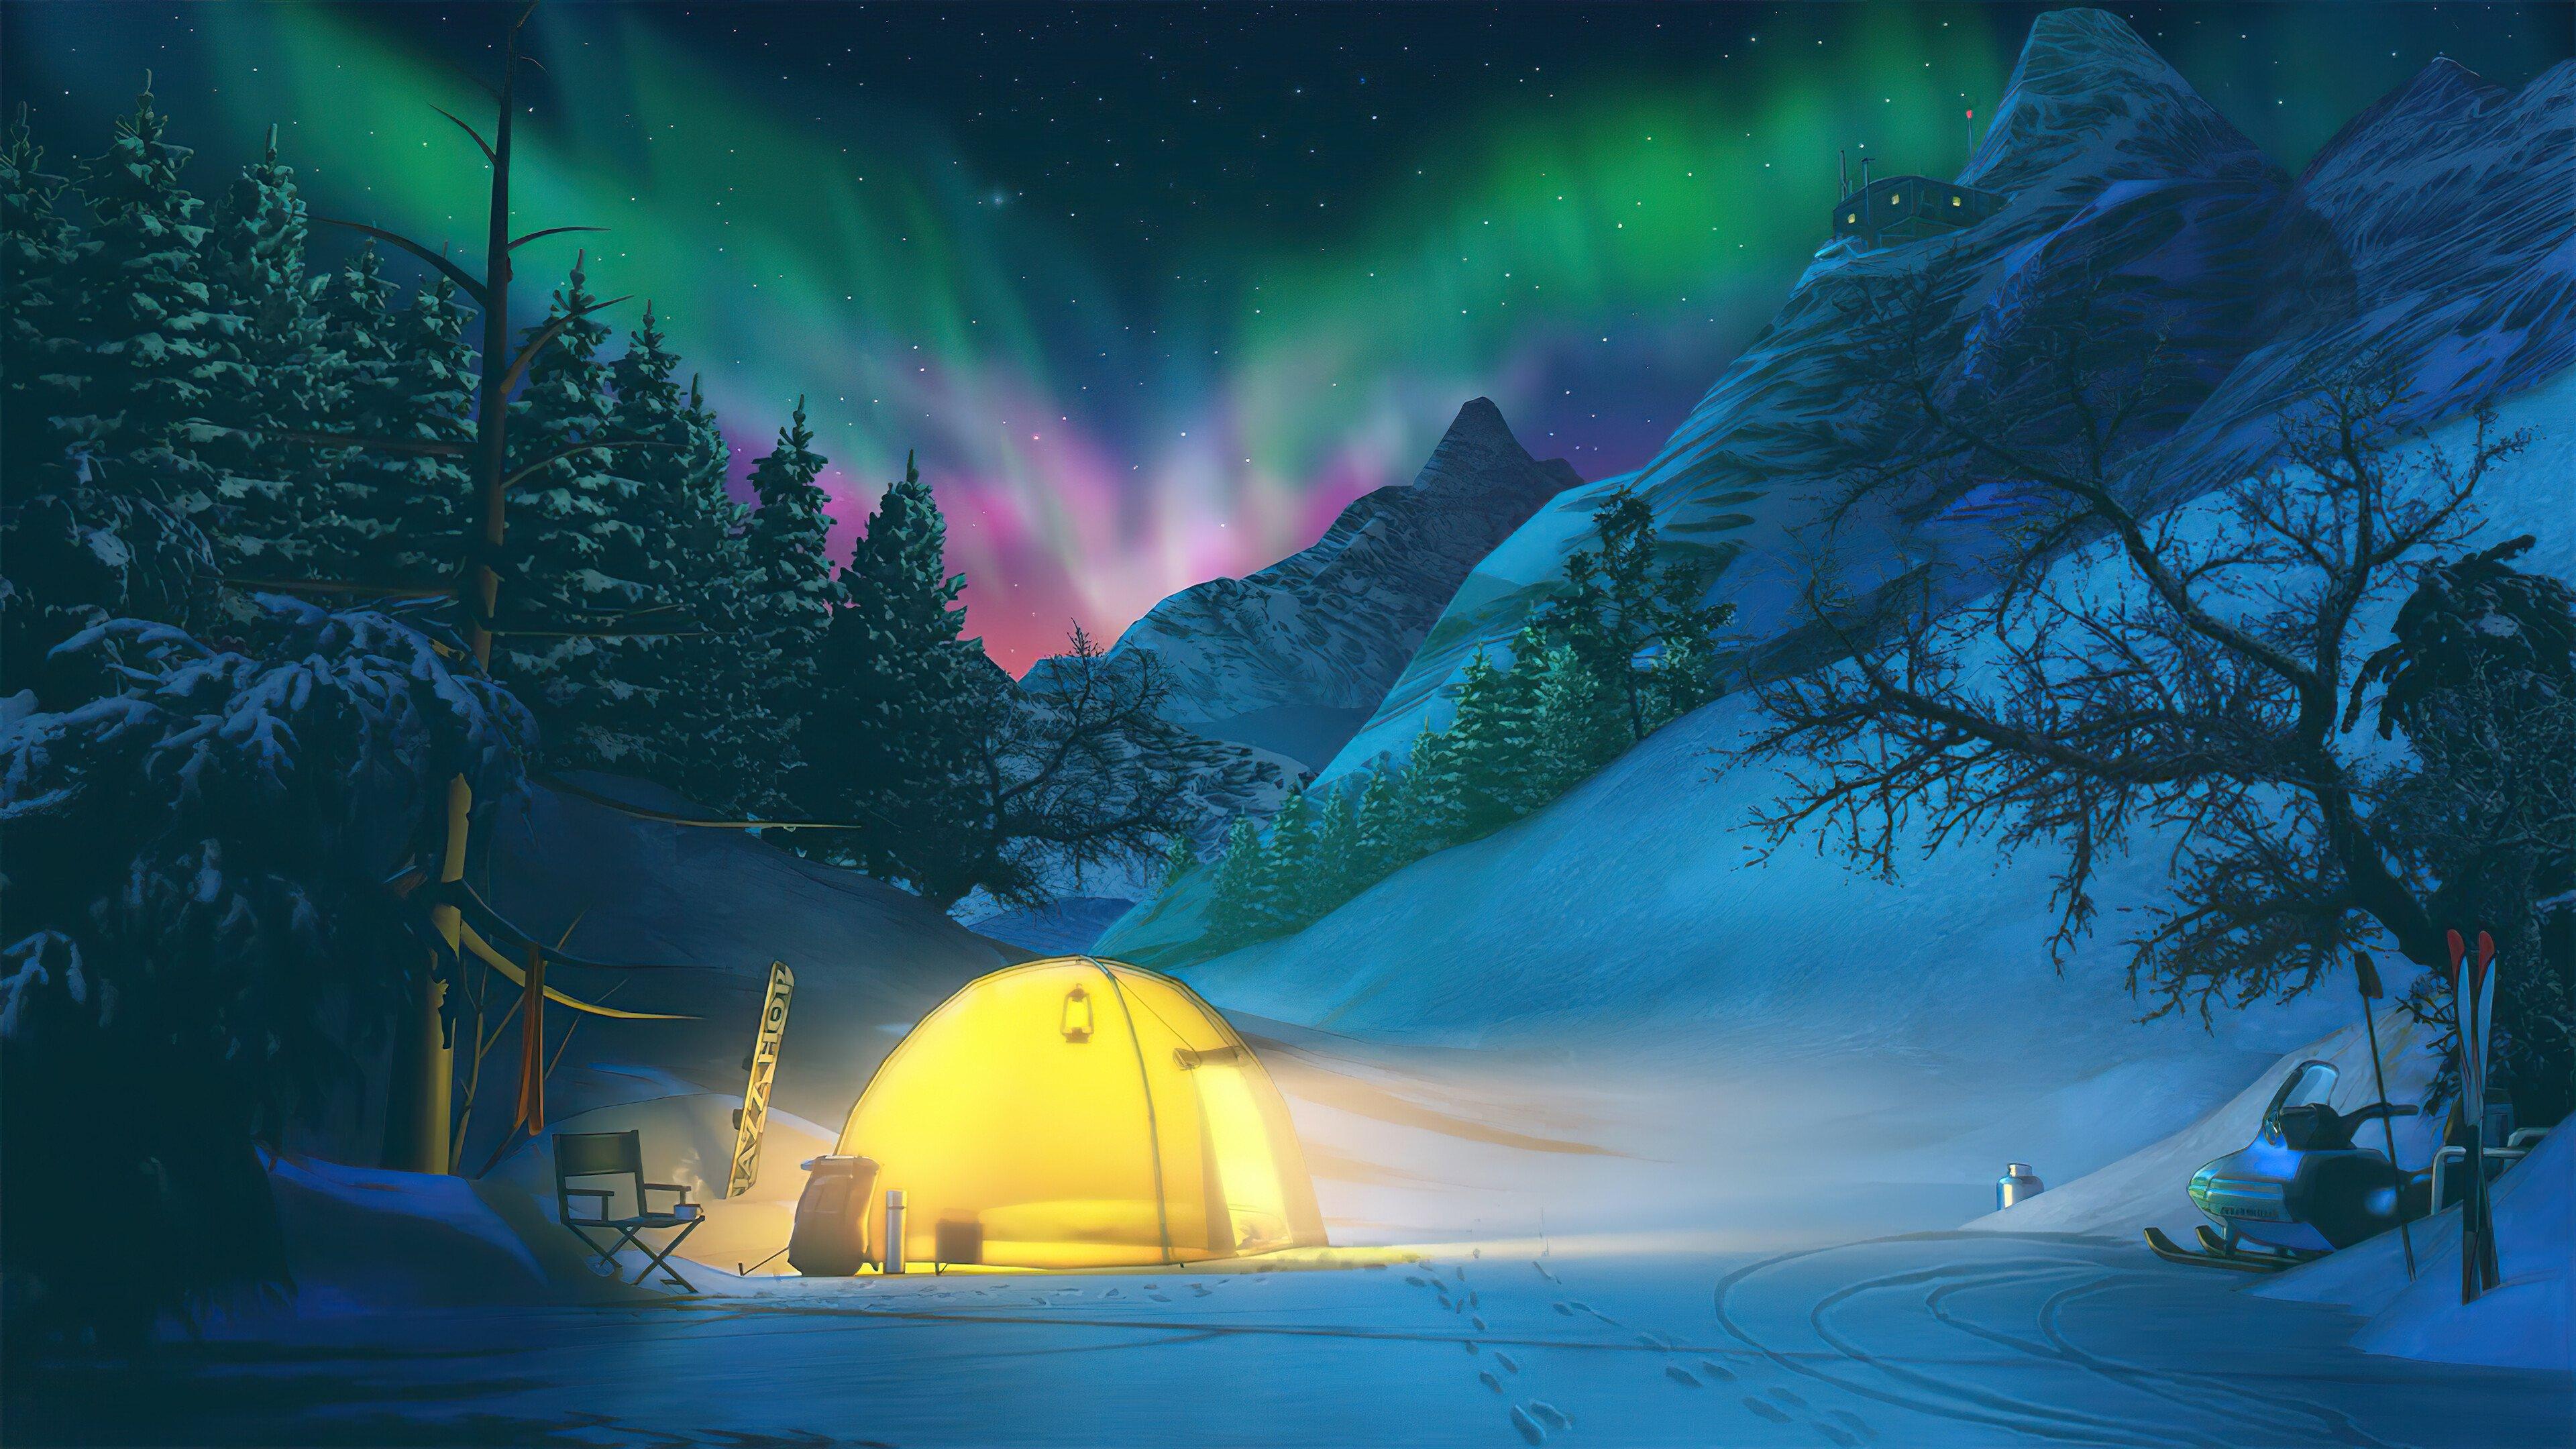 Fondos de pantalla Acampando durante el invierno con auroras polares de fondo